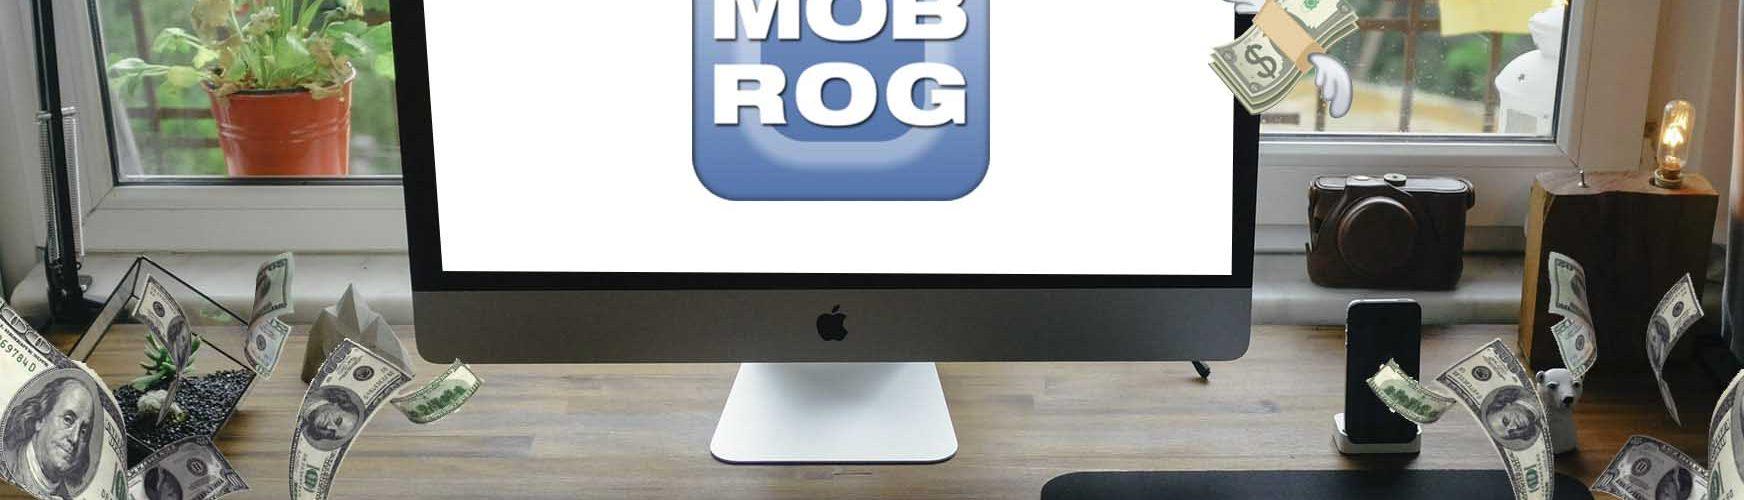 mobrog-review